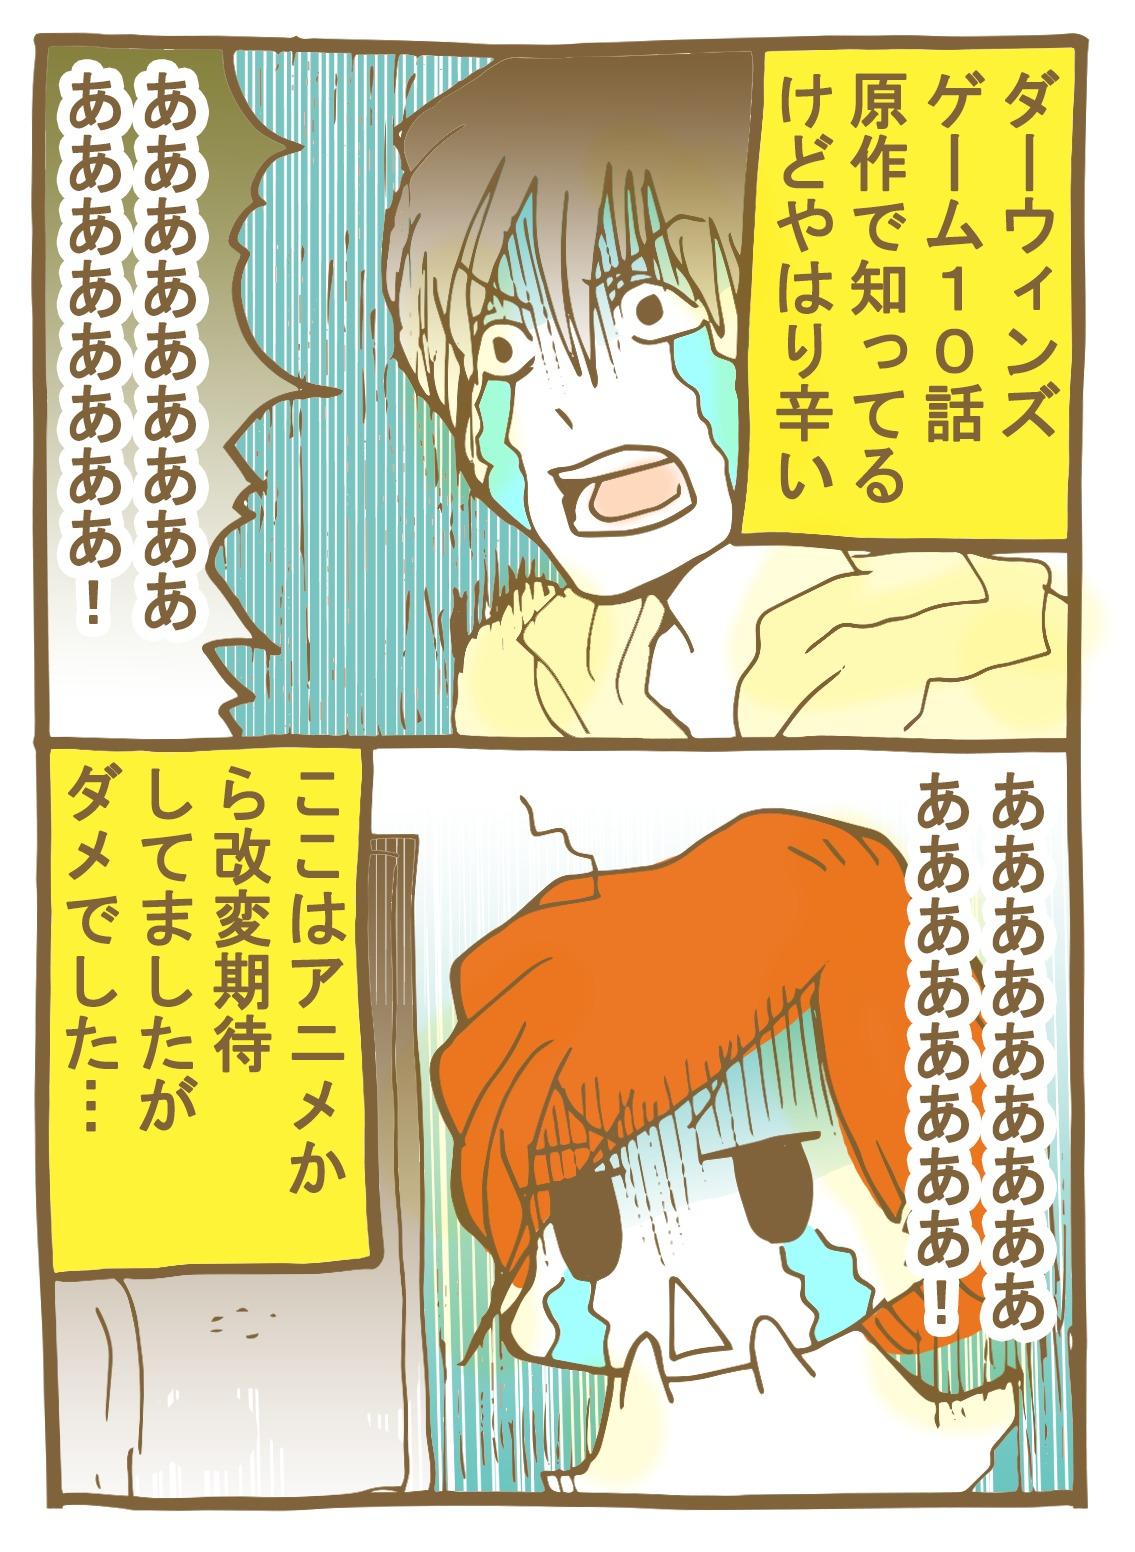 ダーウィンズゲーム10話